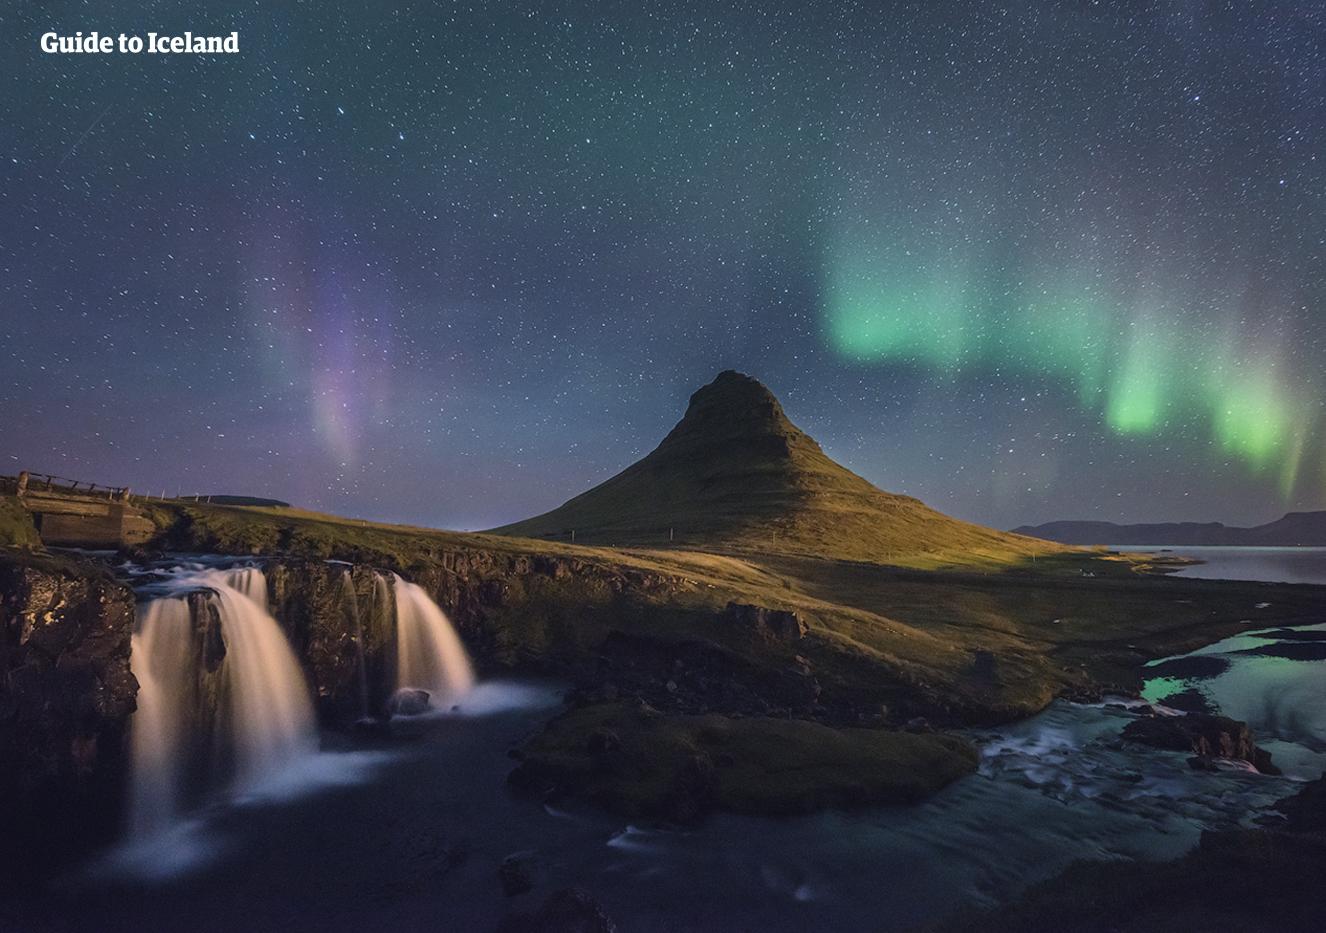 13 dni, samodzielna podróż | Zimowa wycieczka dookoła Islandii i Snaefellsnes - day 3